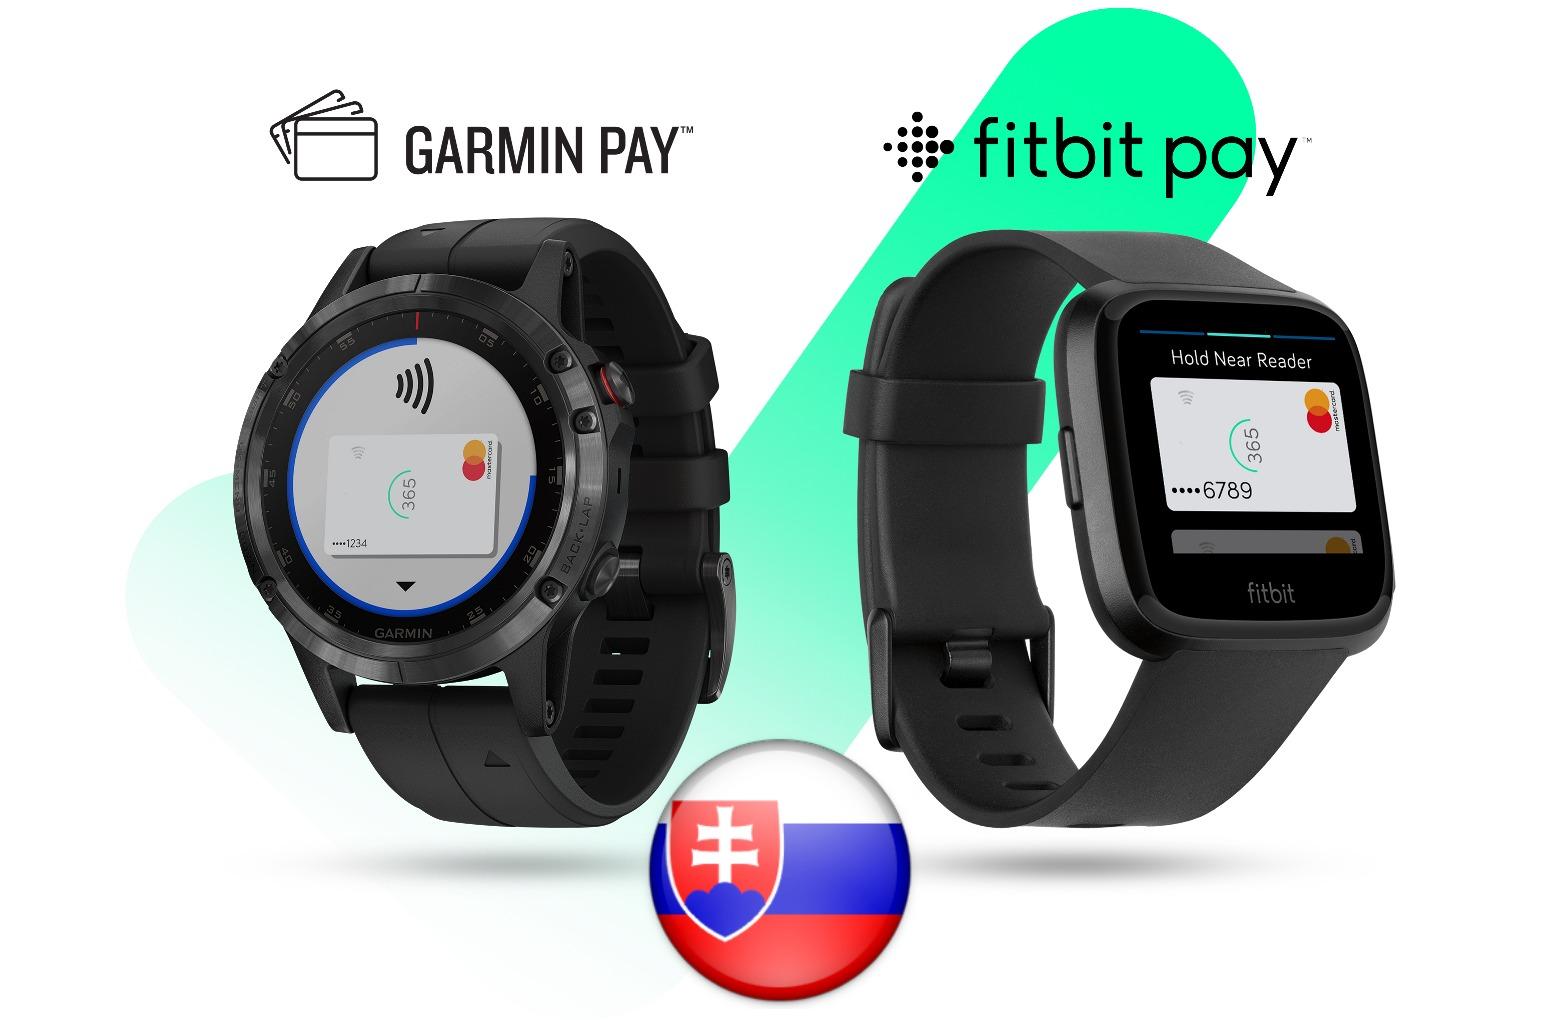 Na Slovensku platíme bezkontaktne už aj hodinkami. Inovatívna slovenská banka podporuje dve nové služby